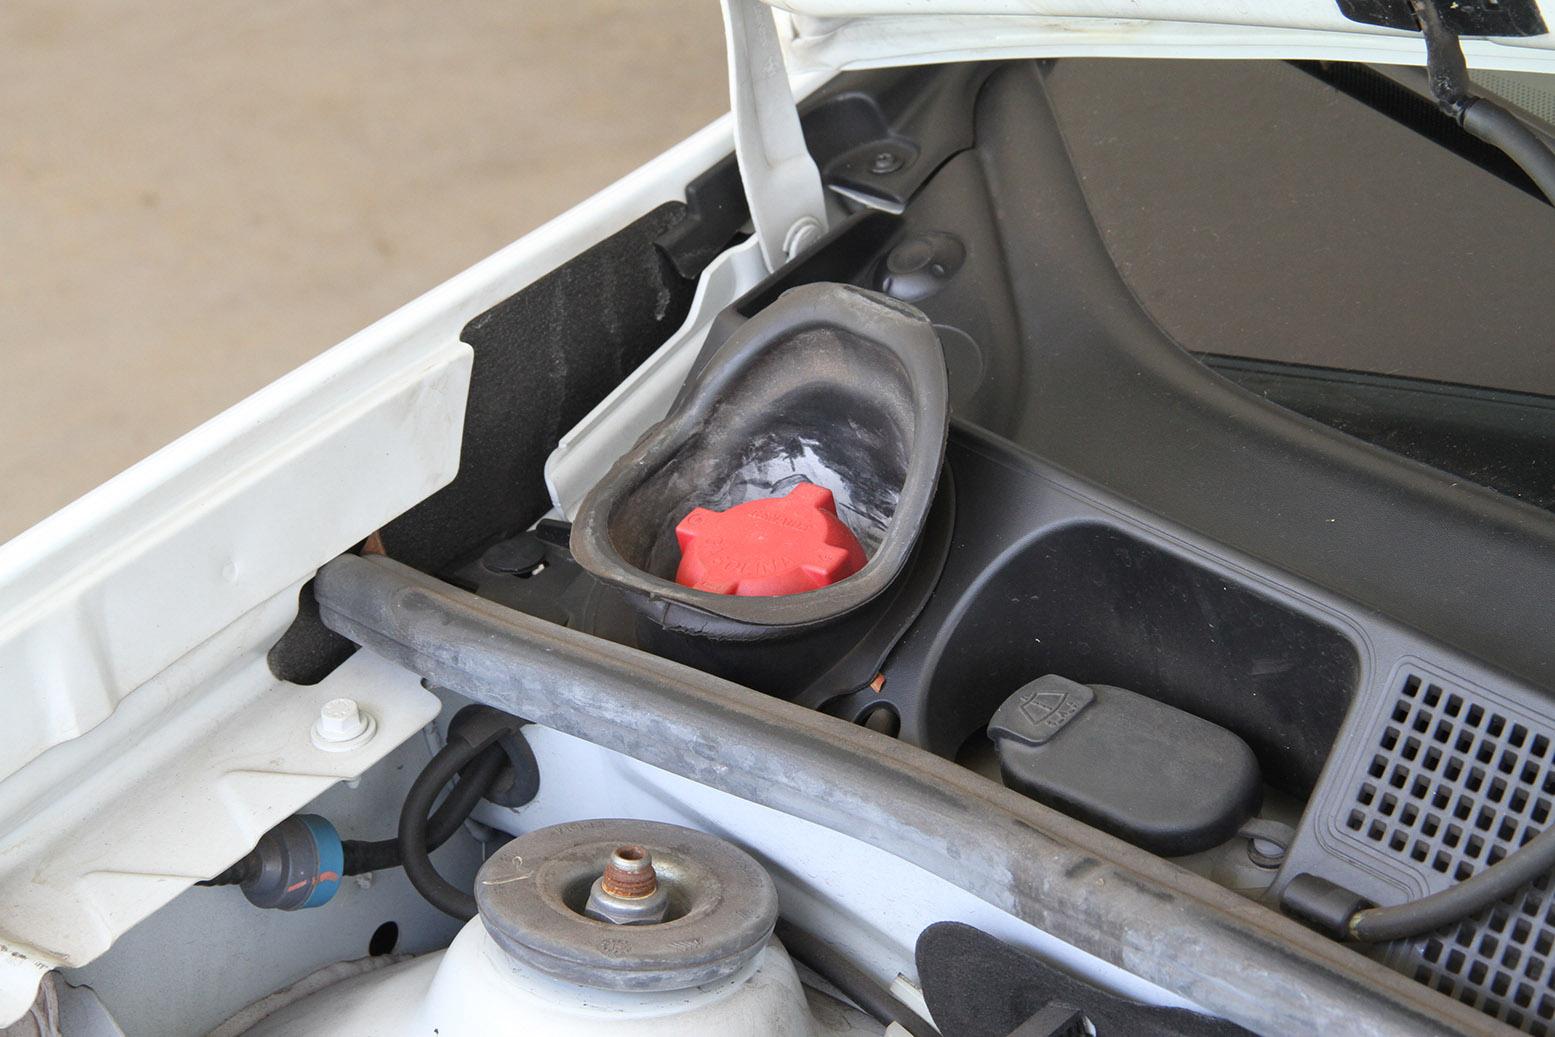 bocal do tanquinho de gasolina do sistema de partida a frio do carro flex credito alexandre carneiro autopapo